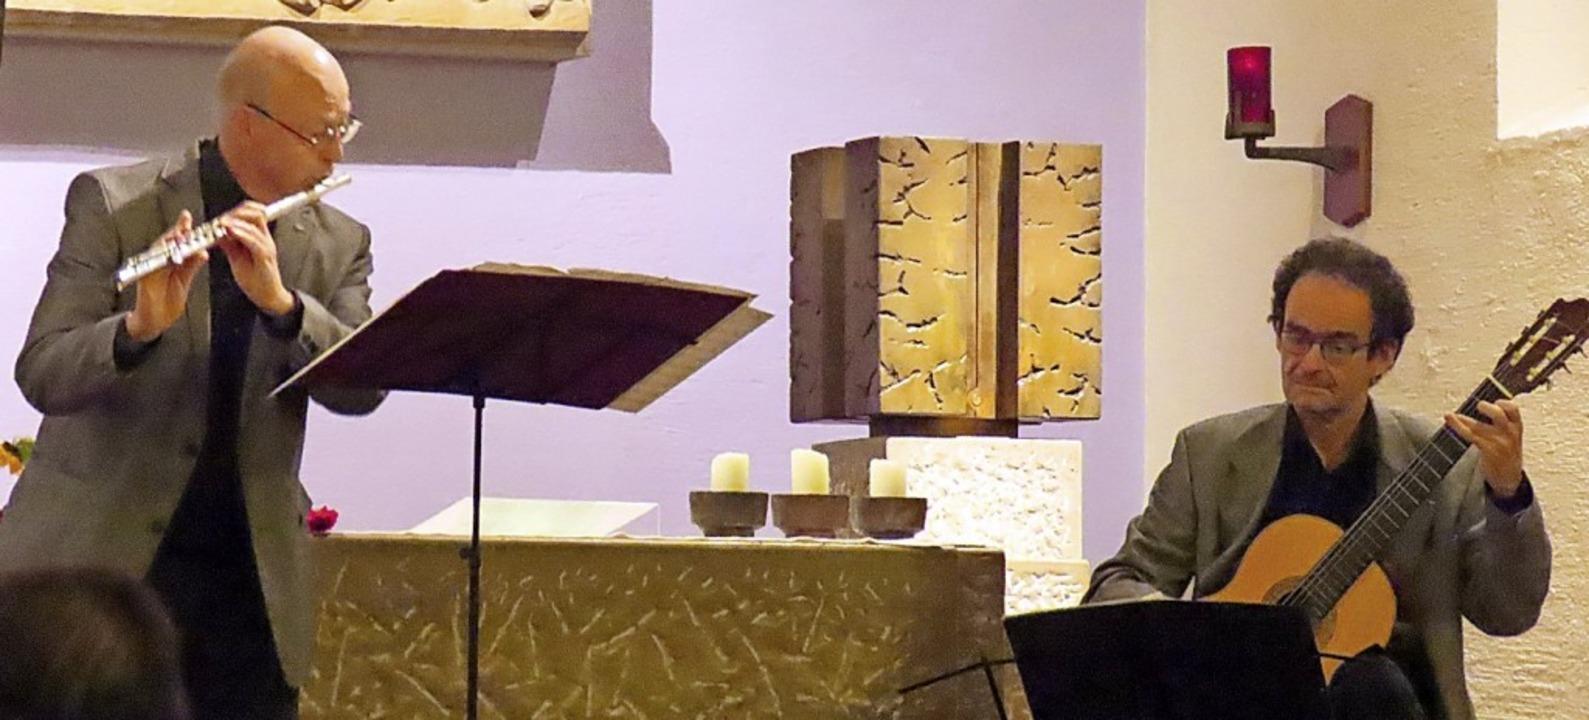 Kammermusik für Querflöte und Zupfinst...nd Frank Scheuerle (Zupfinstrumente).     Foto: Karin Schleyer